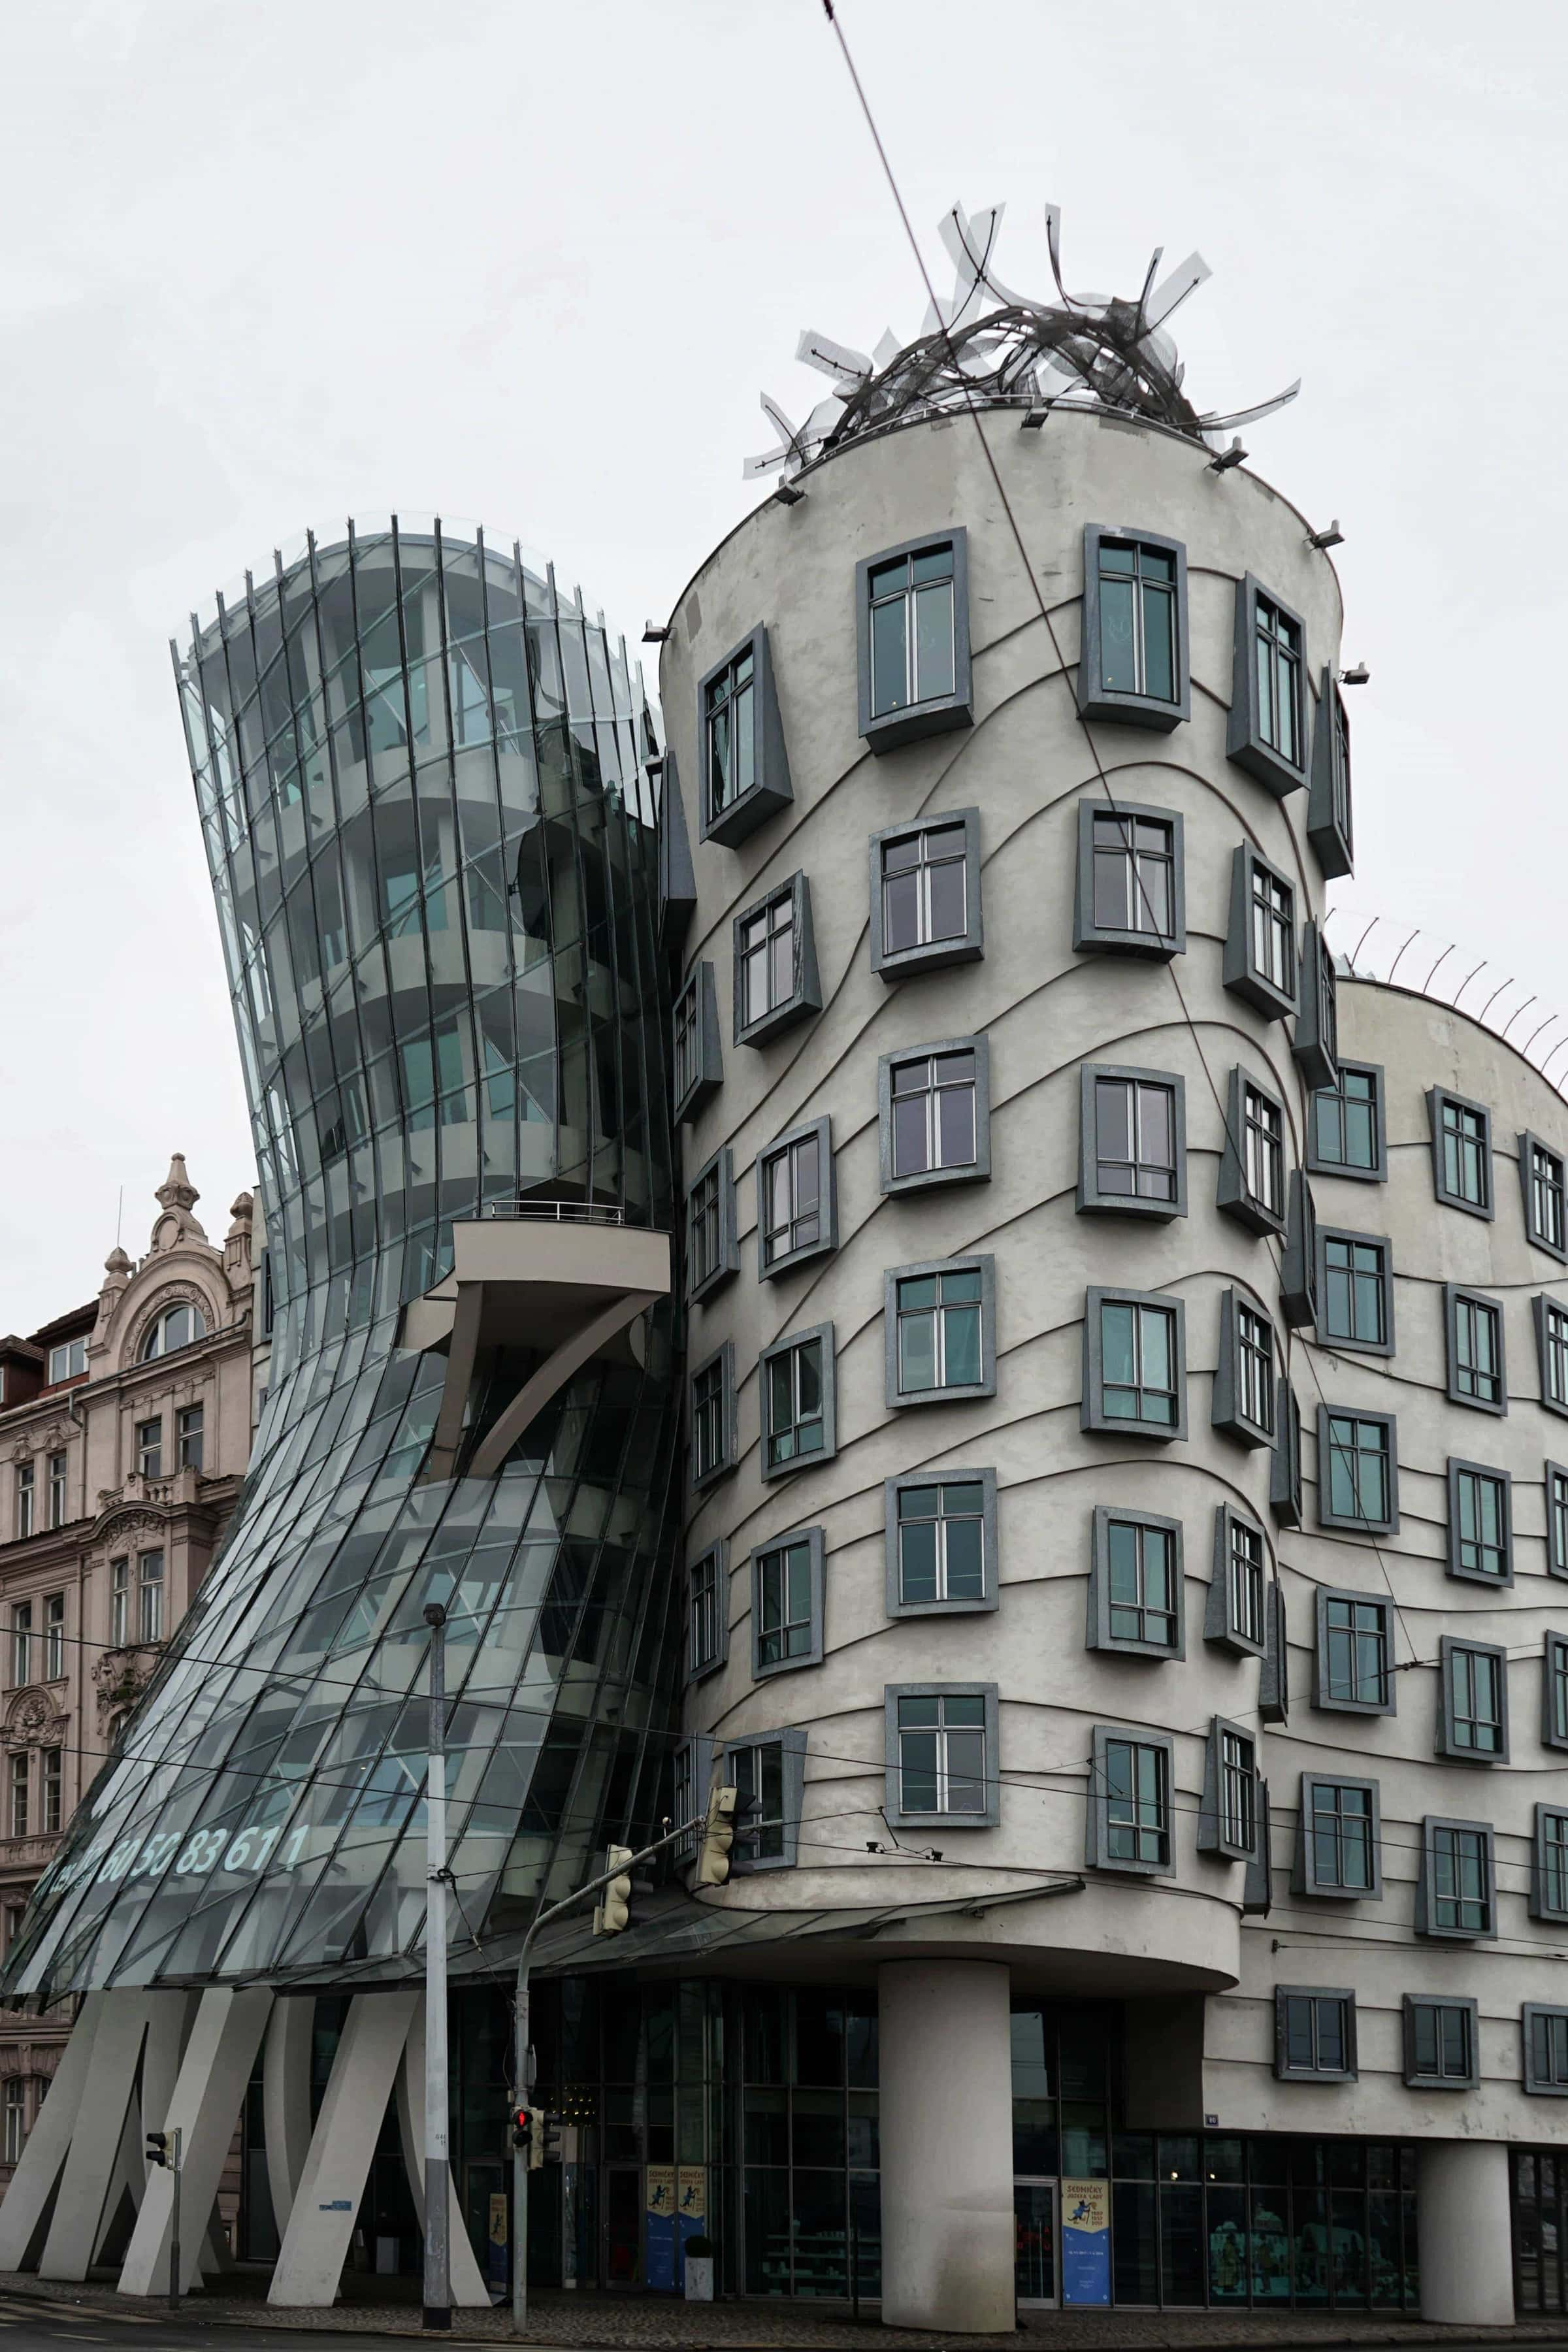 Sehenswürdigkeiten in Prag: Tanzendes Haus